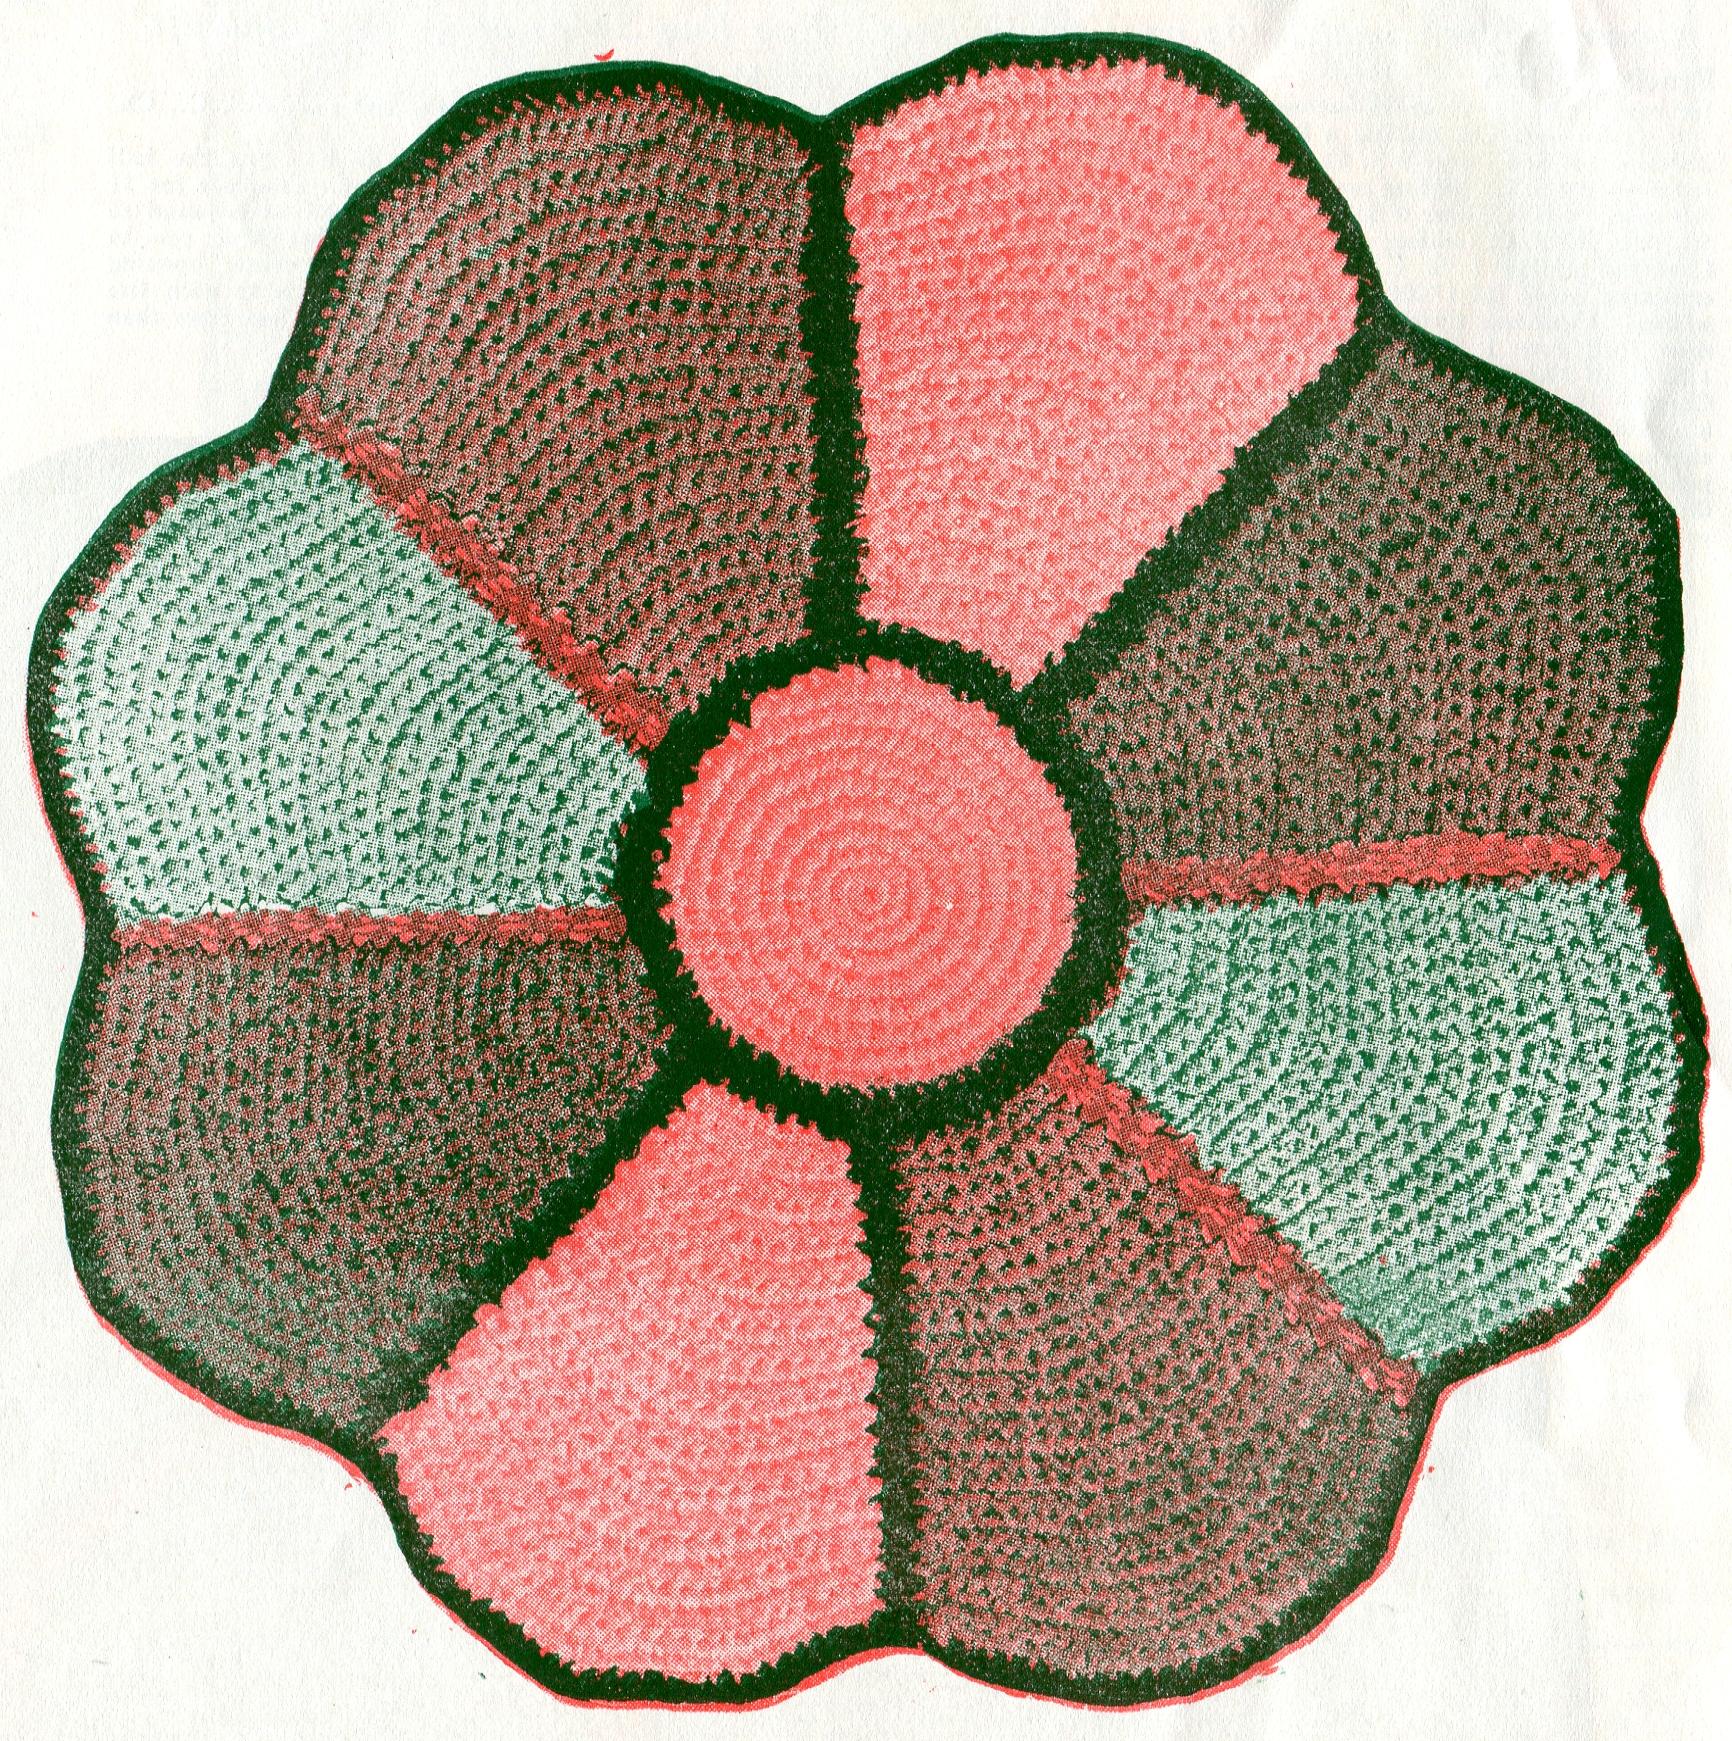 Vintage Craftore Crocheted Rag Rug Pattern